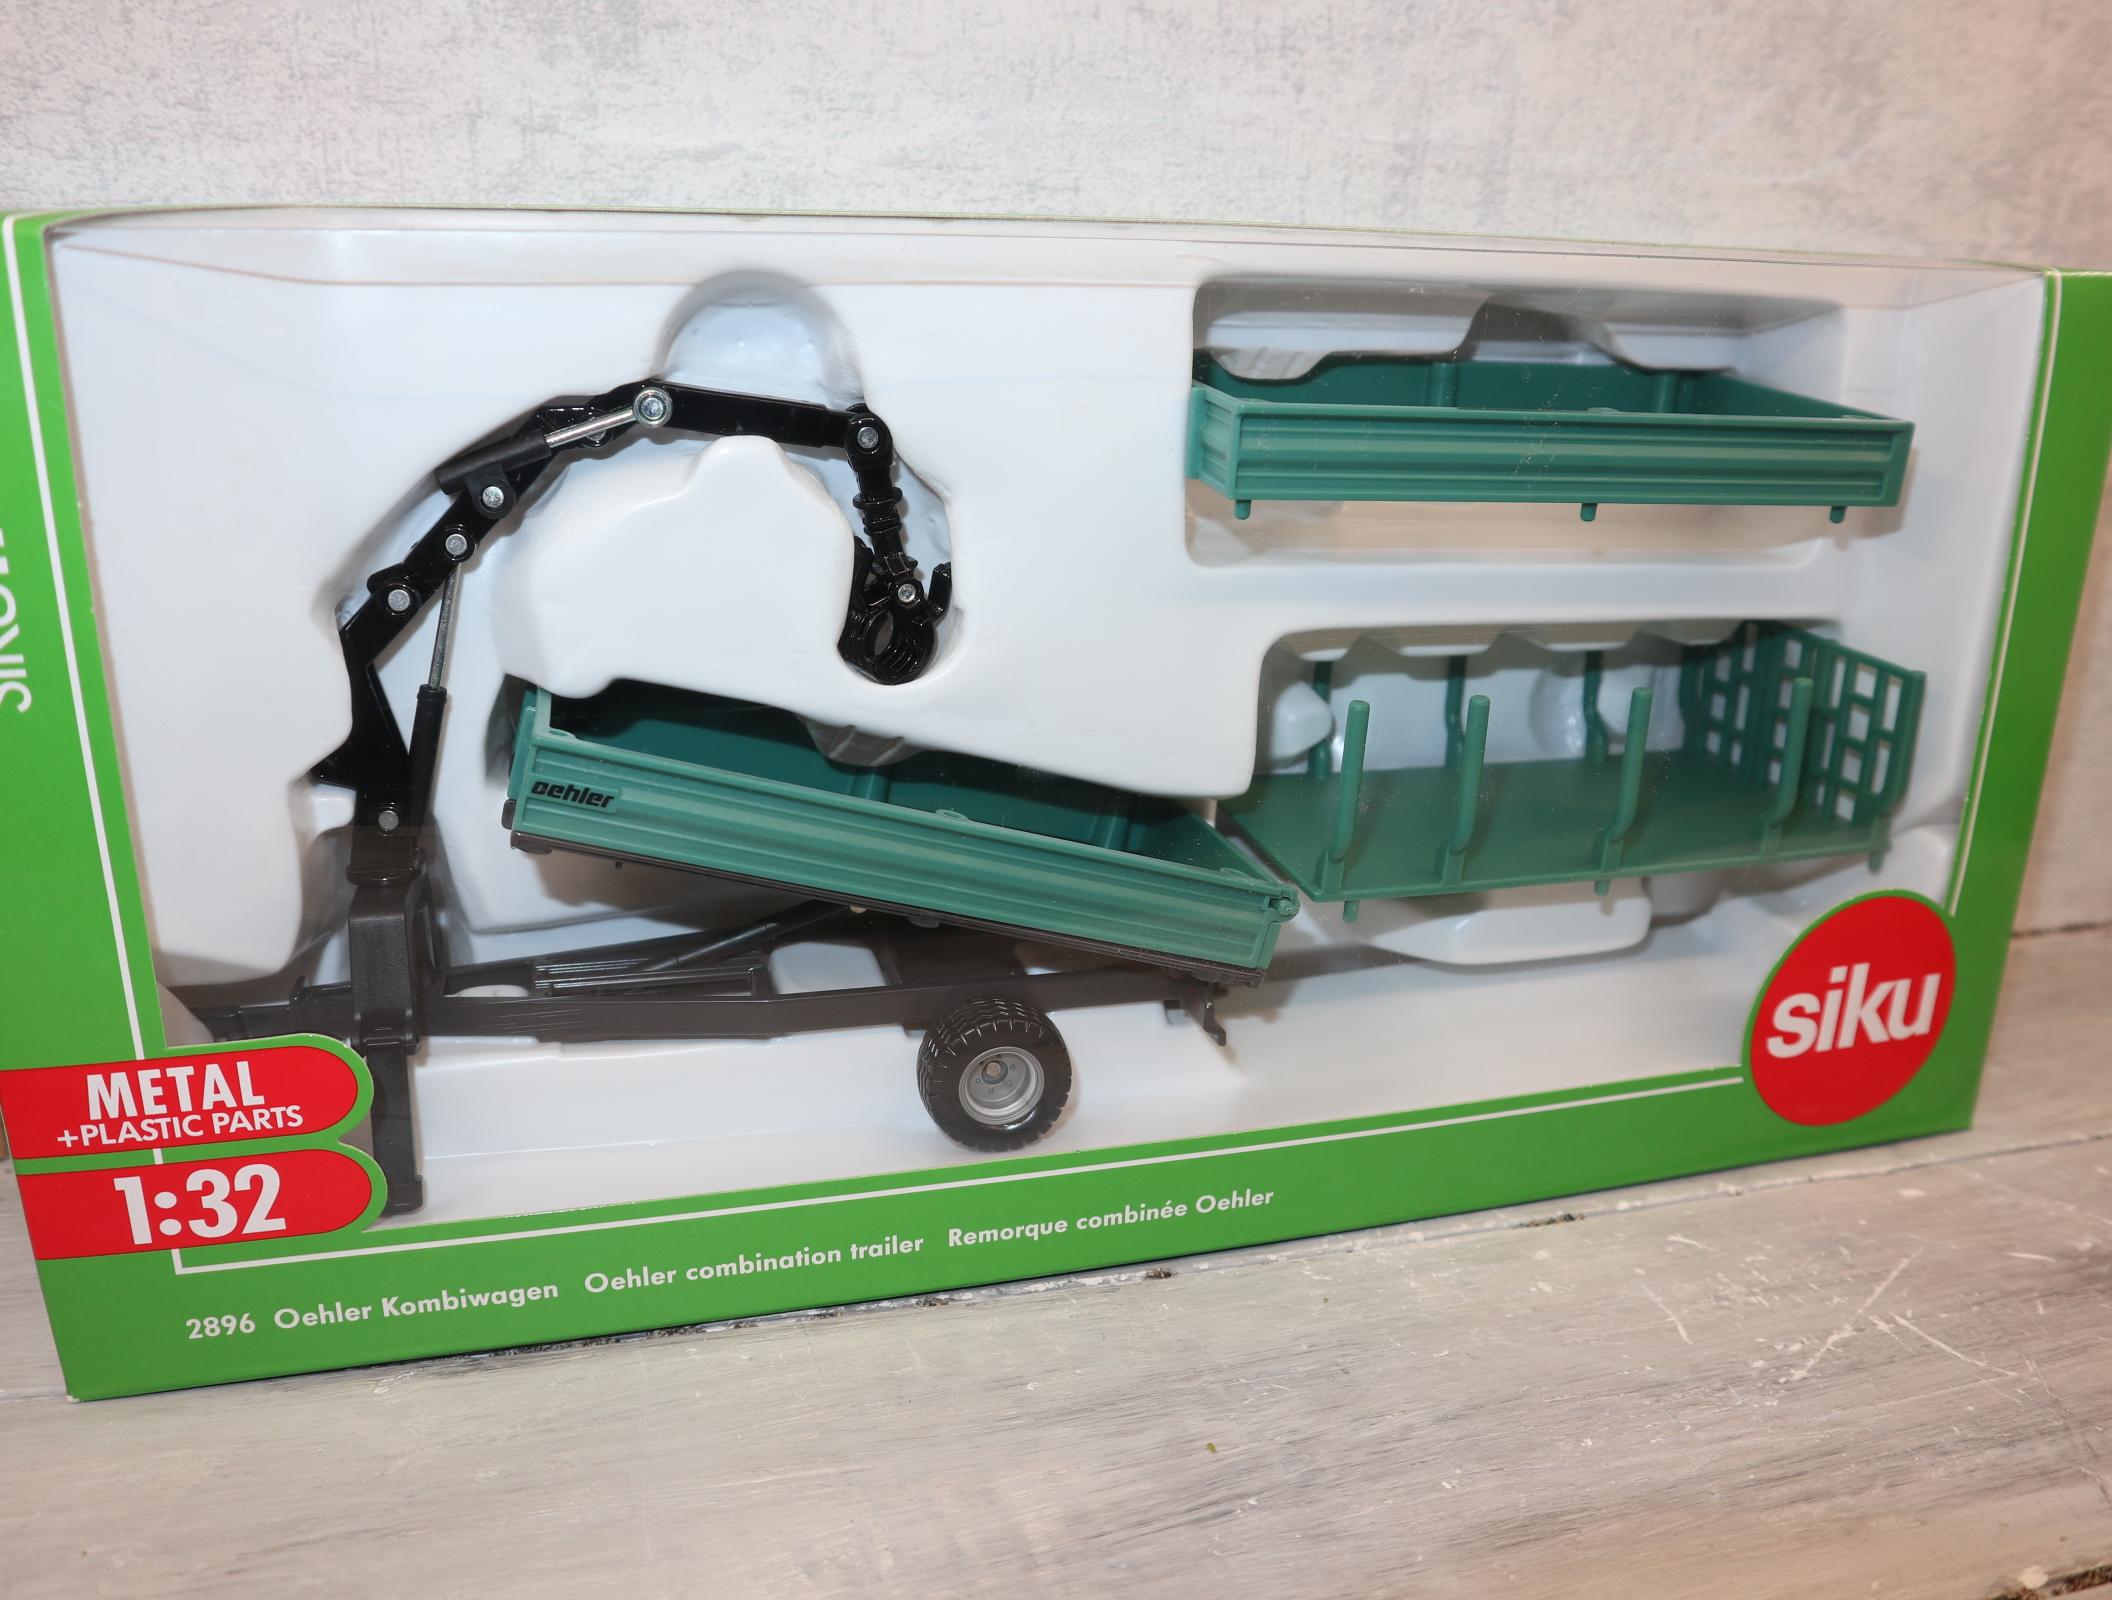 Siku 2896 1:32 Oehler Kombiwagen in grün in OVP